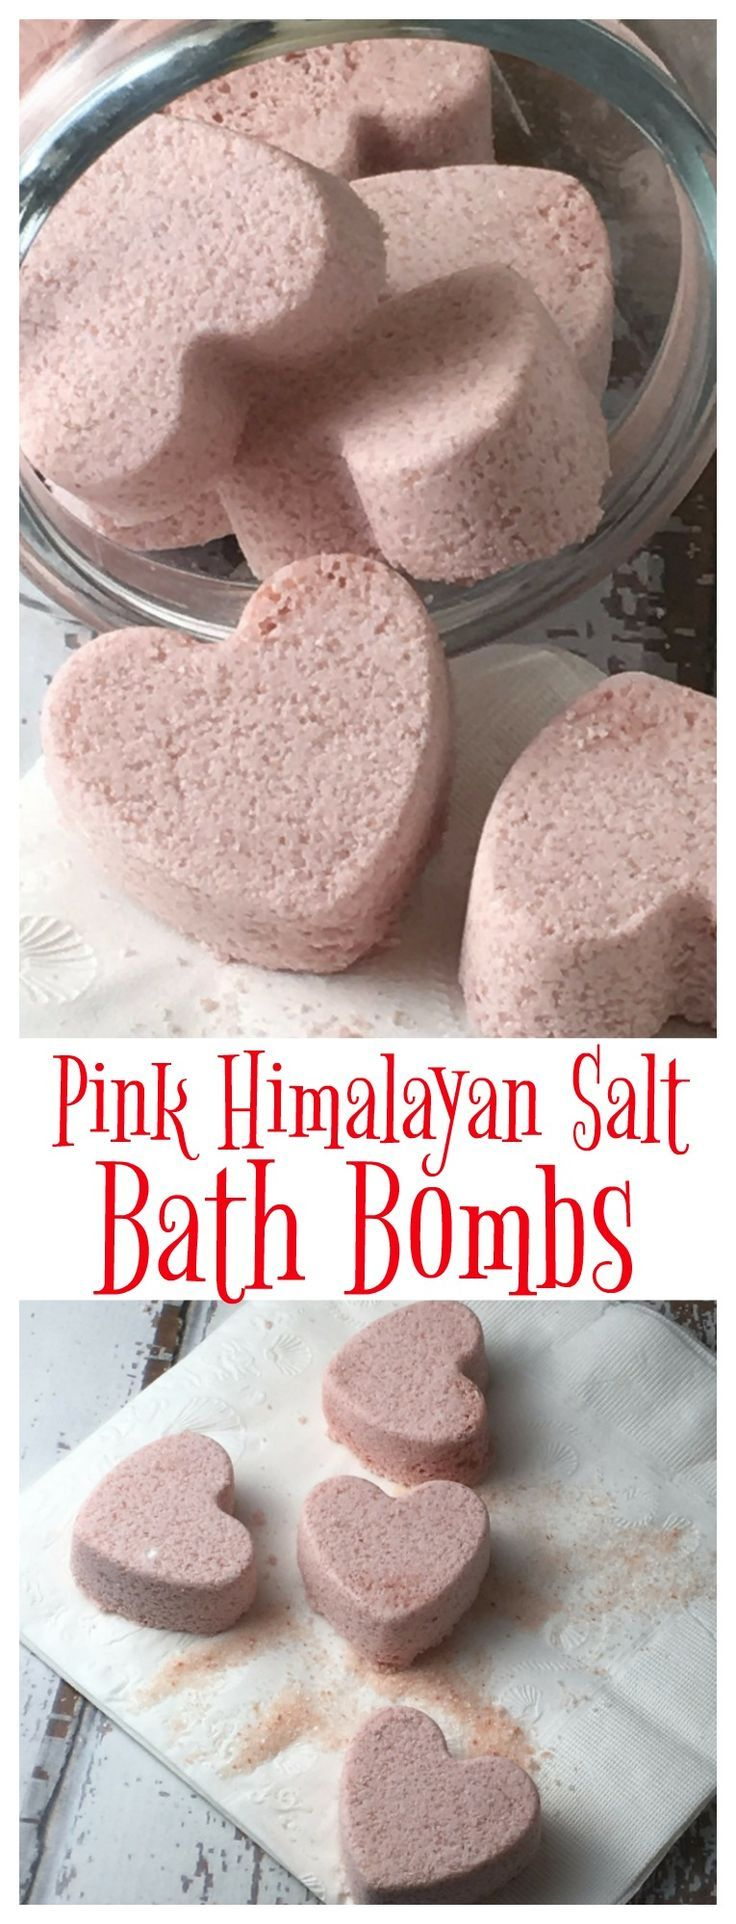 Himalayan Salt Lamps Diy : Best 25+ Himalayan salt lamp ideas on Pinterest Himalayan salt health benefits, Himalayan salt ...